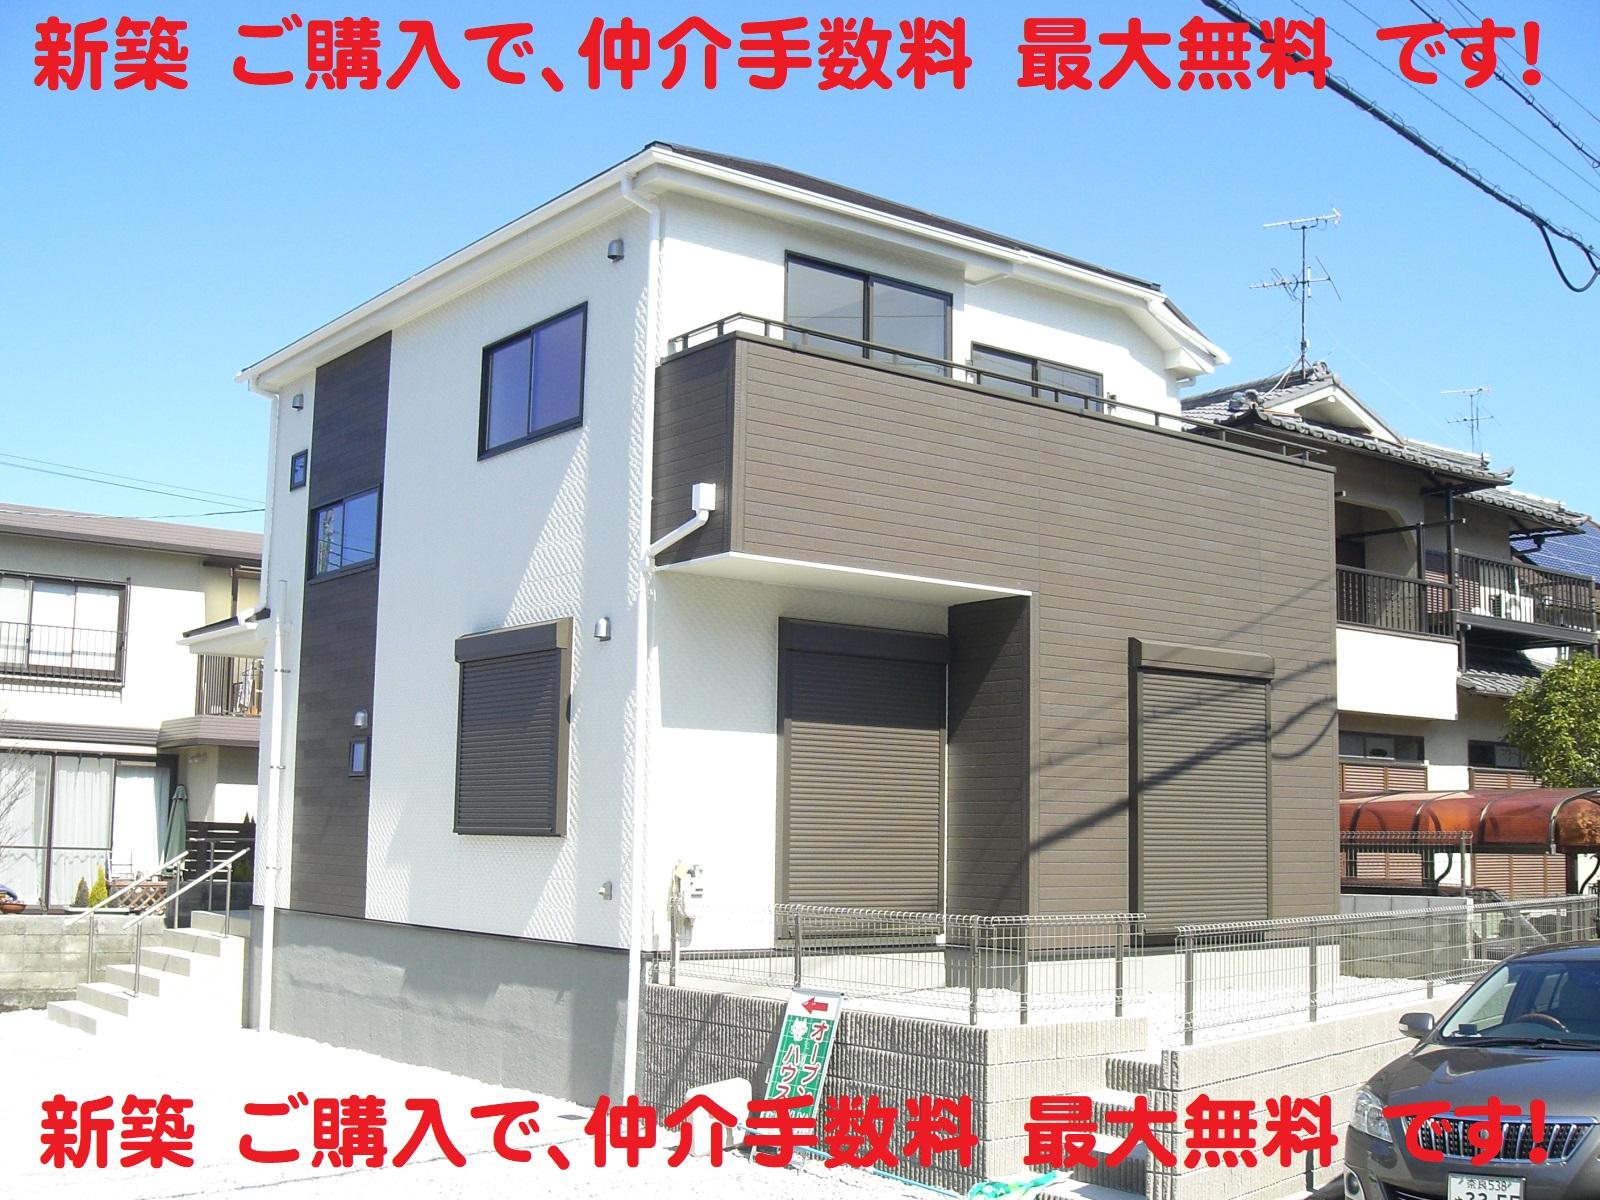 河合町 泉台 新築 ファースト住建 モデルハウス 御座います! 好評分譲中です!